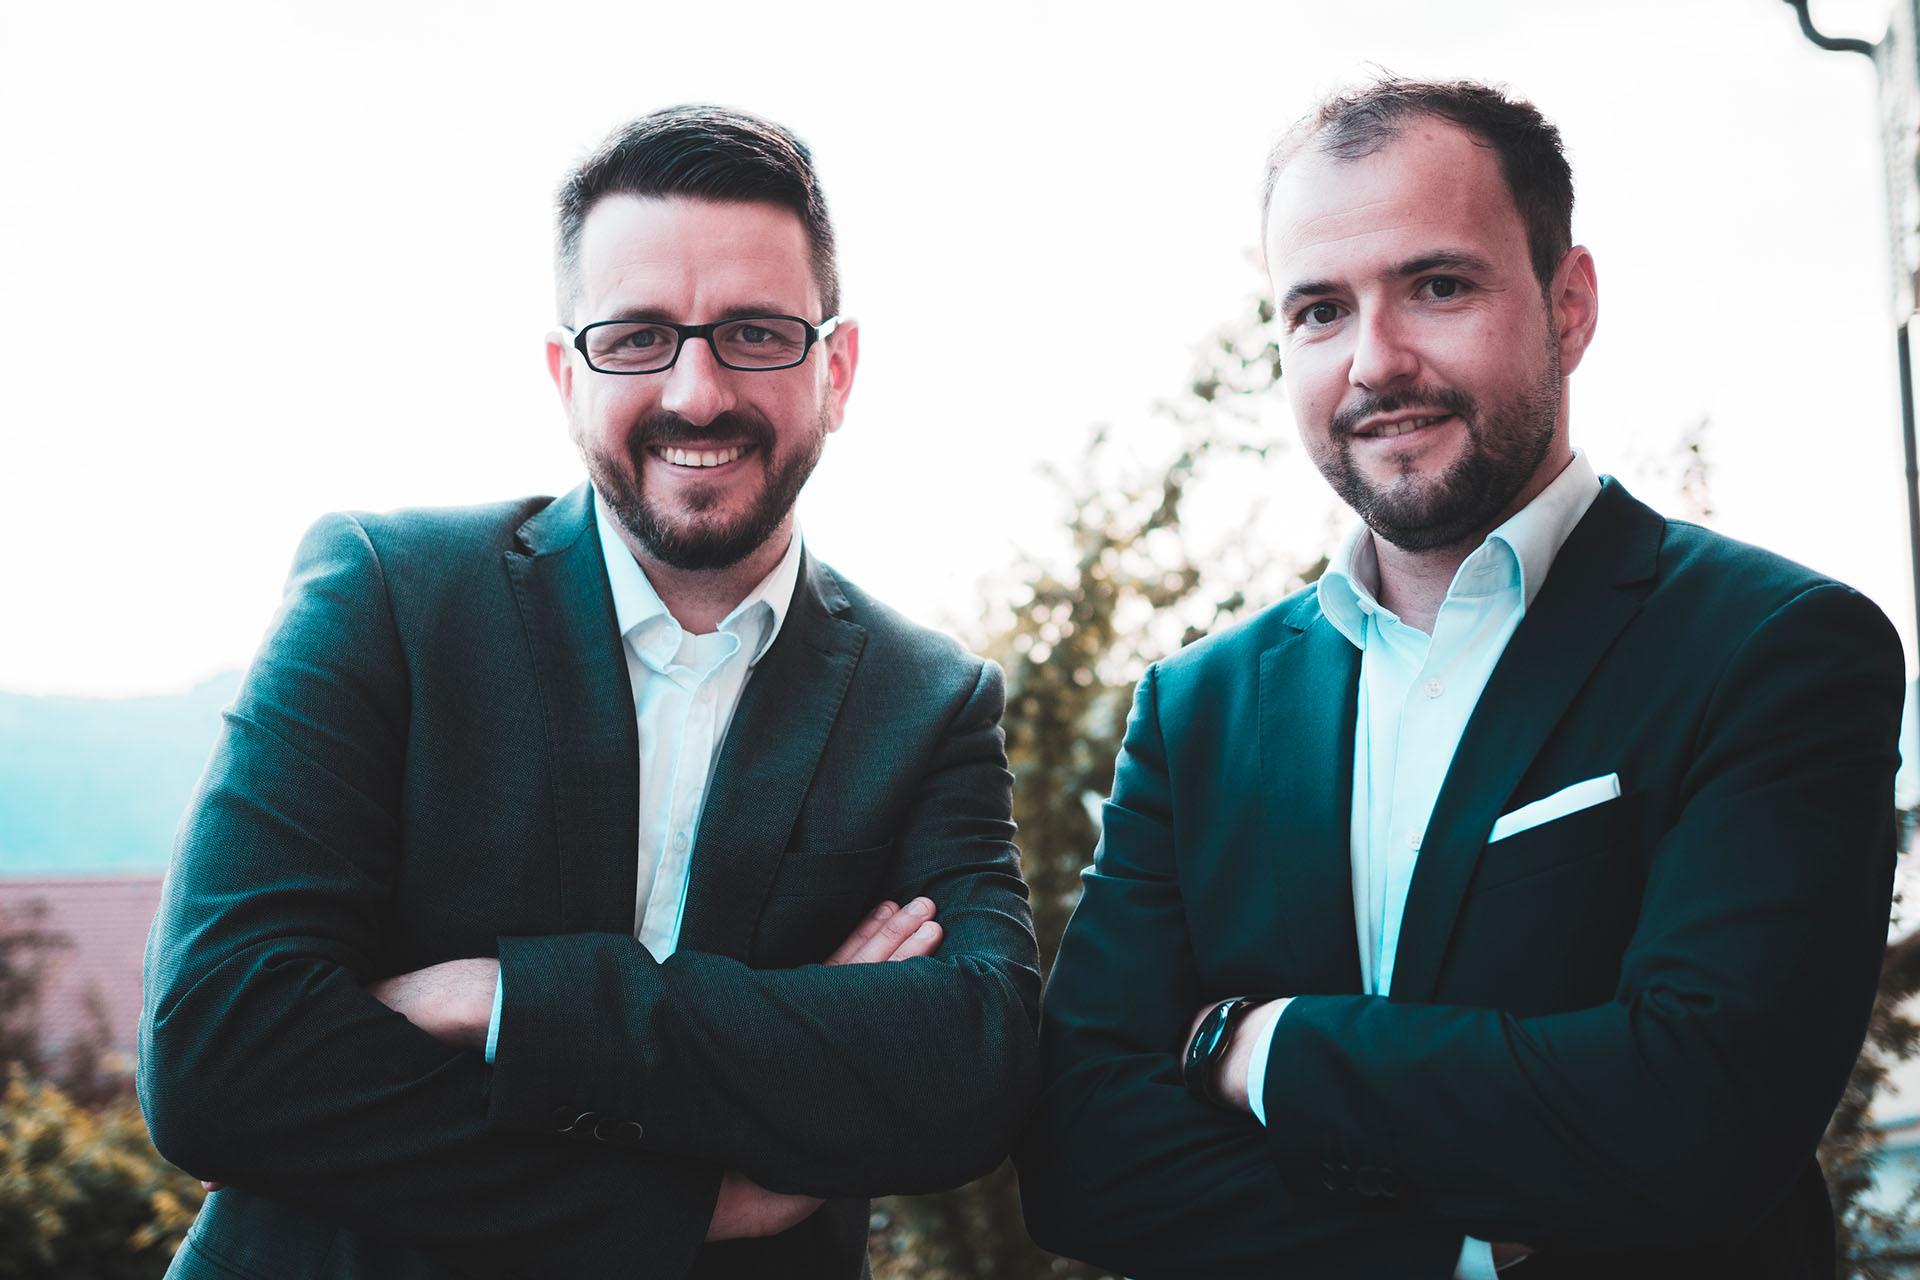 Rechtsanwälte Schlegel, Fischer & Partner begehen fünfjähriges Kanzlei-Jubiläum